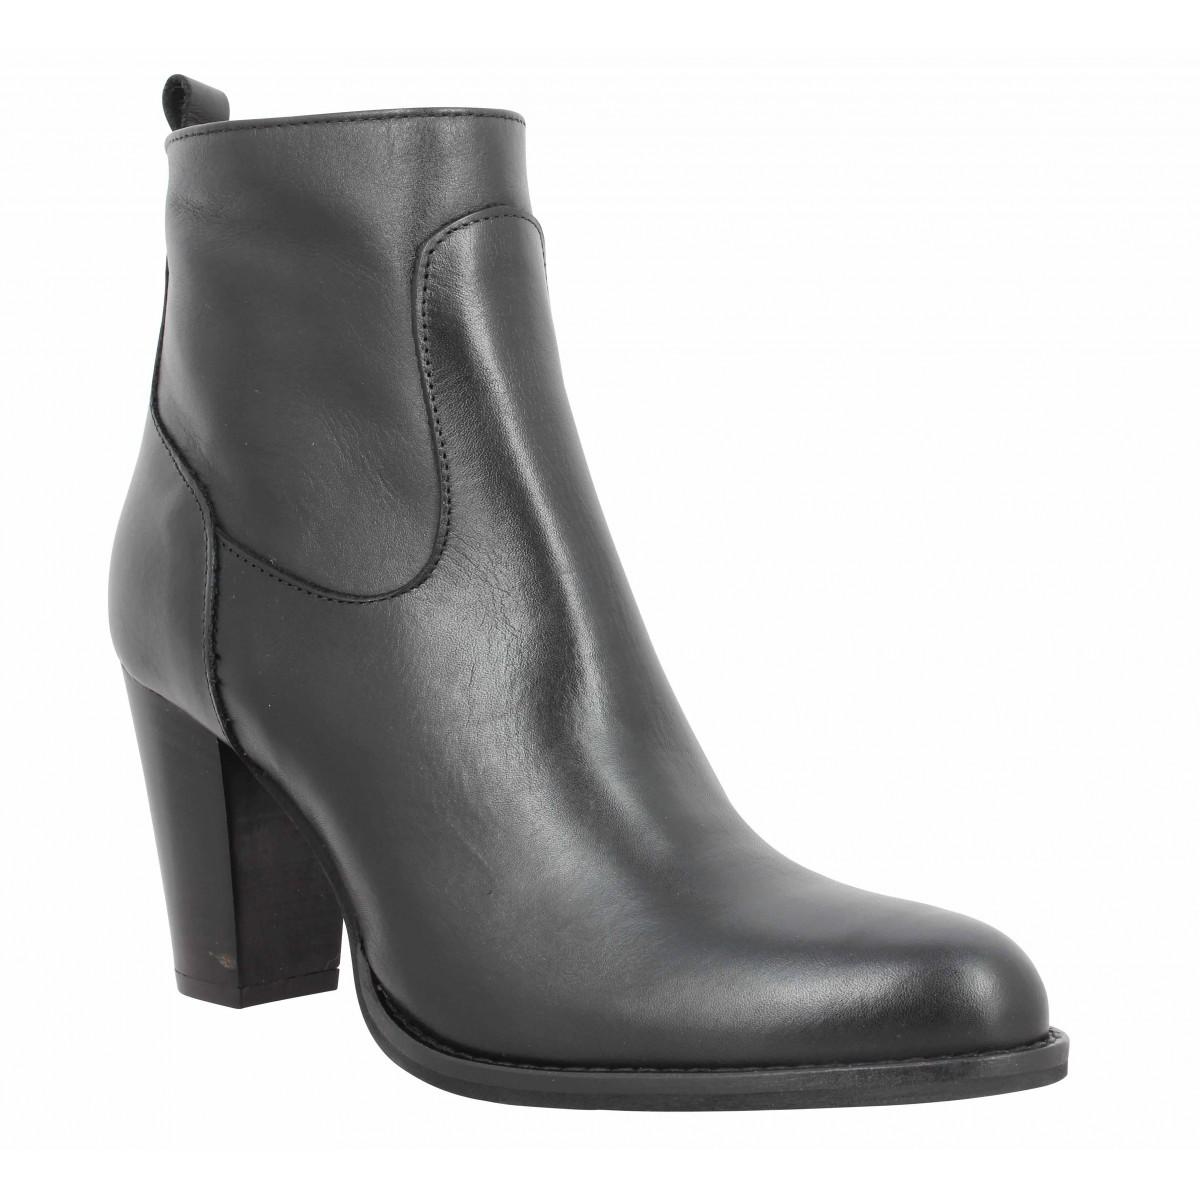 Bottines IMPICCI P30 cuir Femme Noir